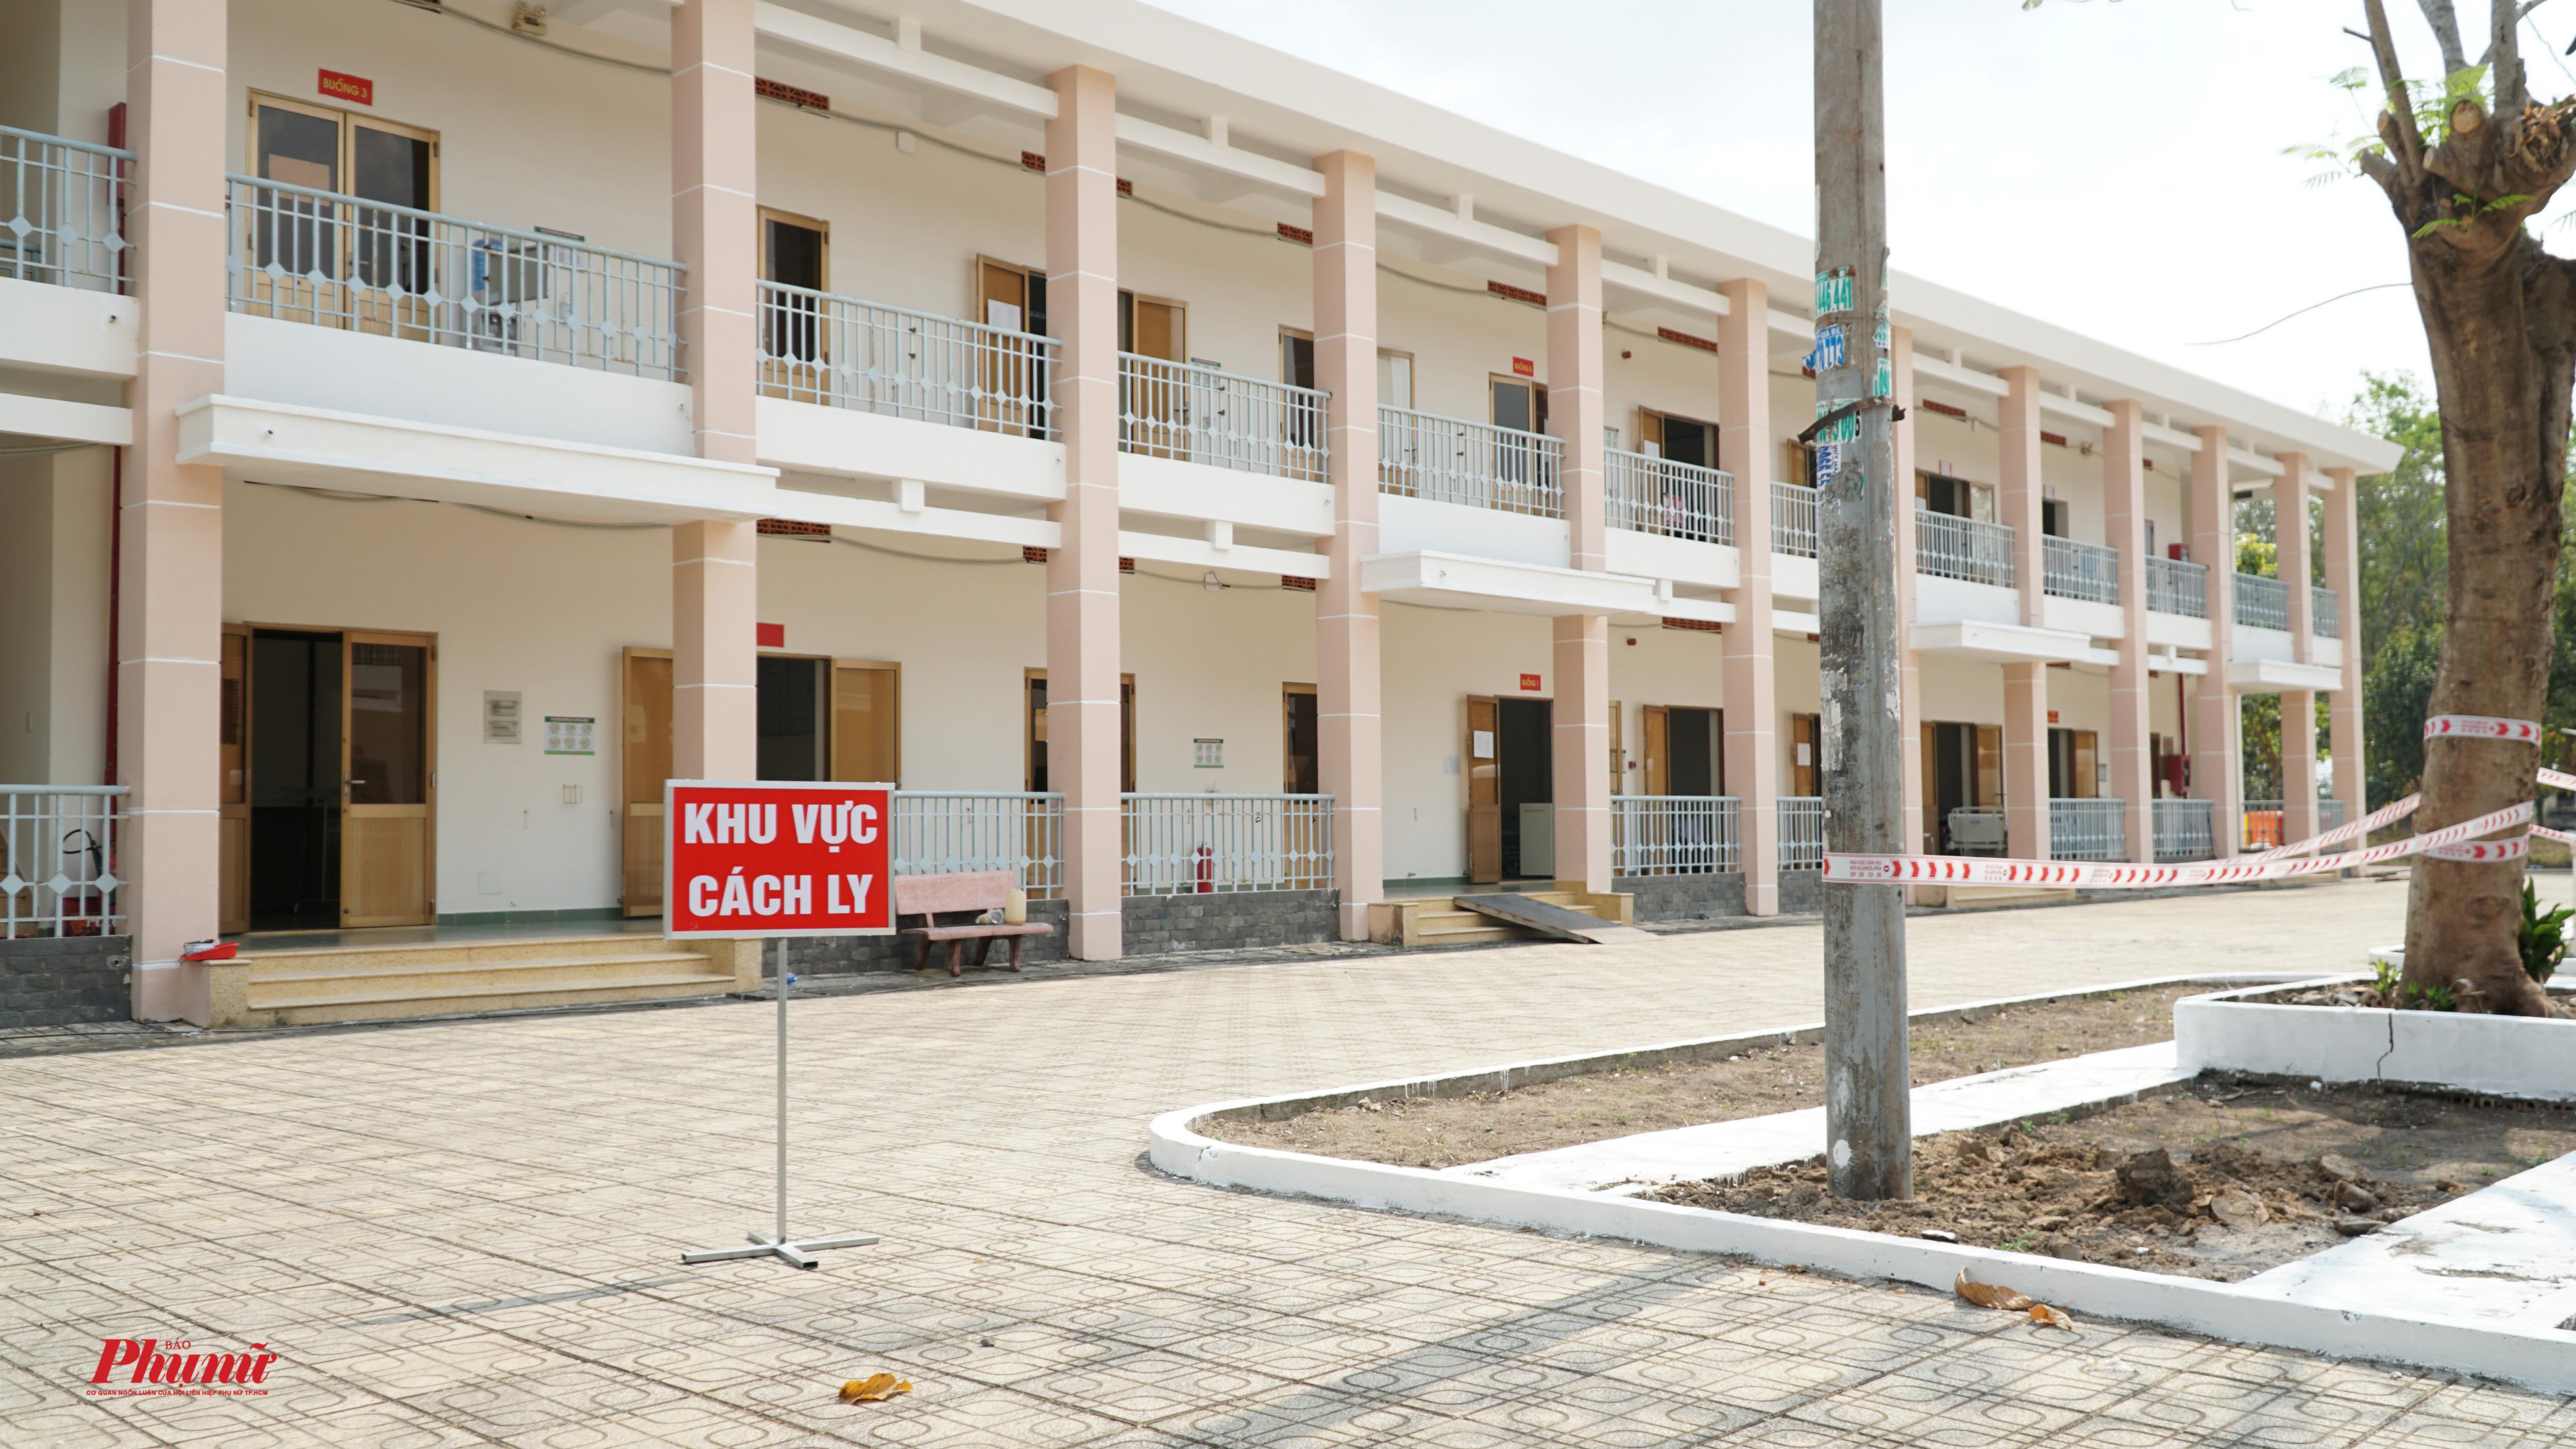 Toàn cảnh Khu 1 (bệnh viện dã chiến Củ Chi) - nơi các ca nghi nhiễm đang được cách li